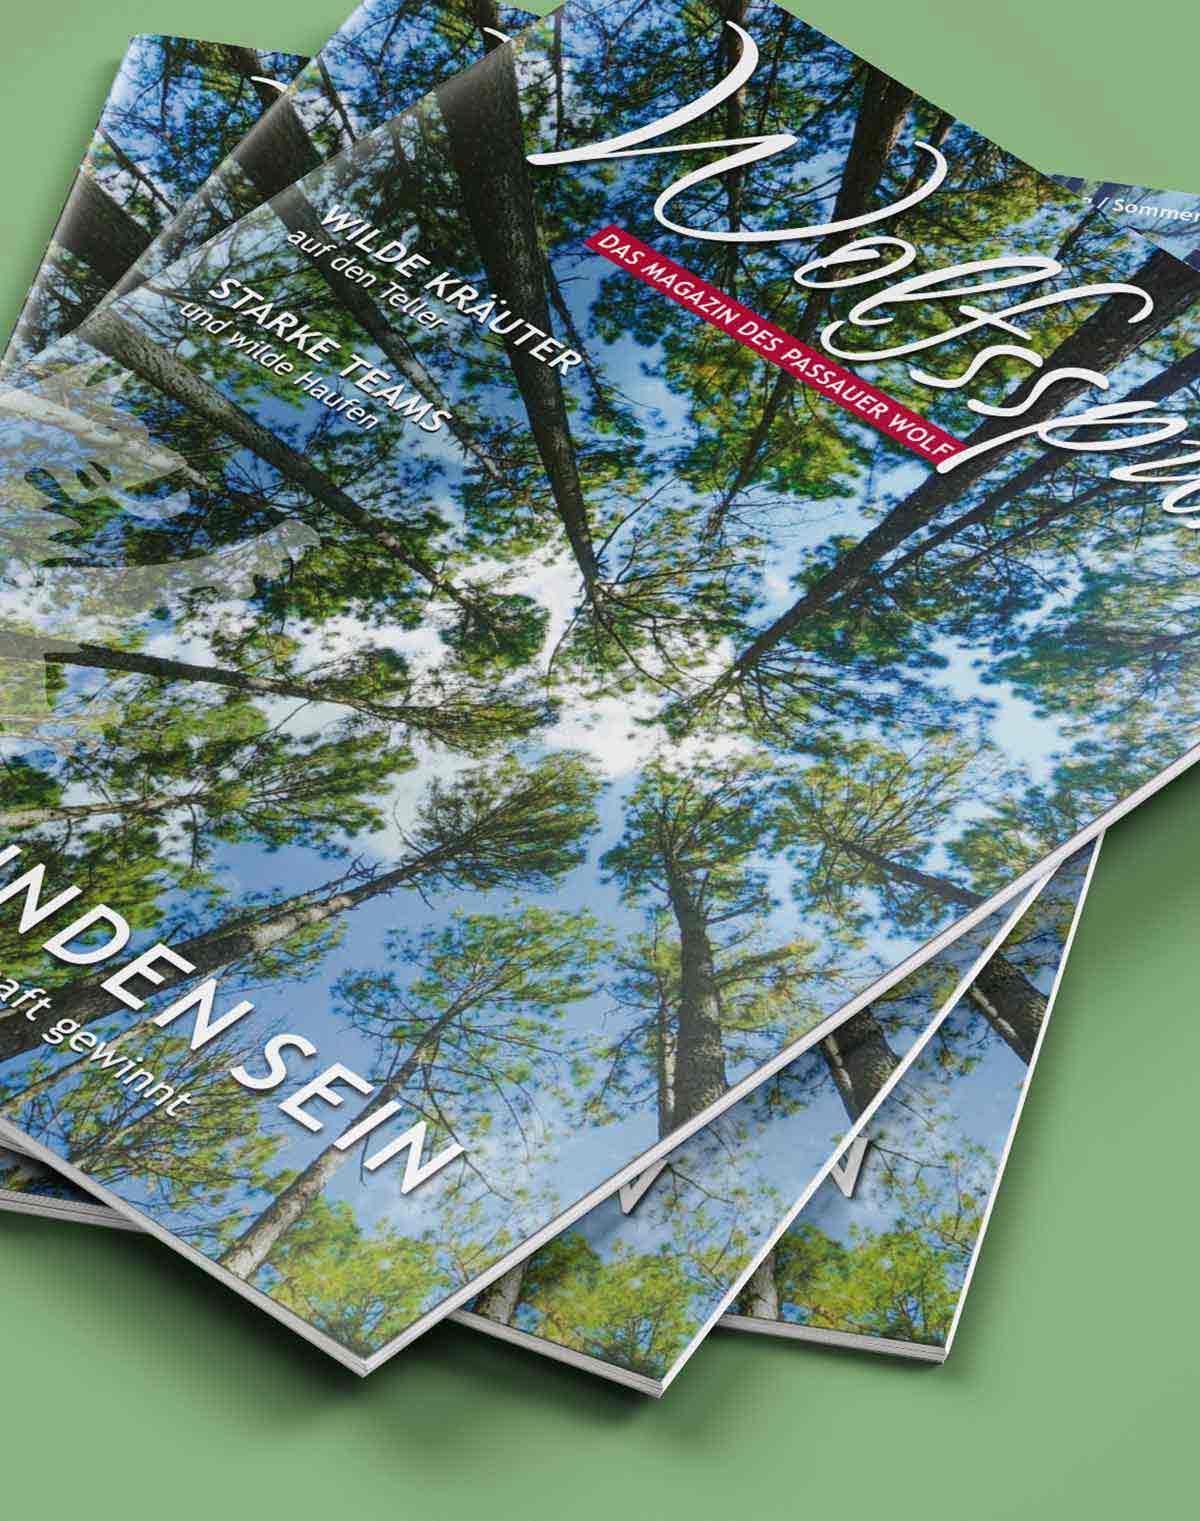 Titelbild Design von Wolfsspur Heft 9 von c-c-design.de